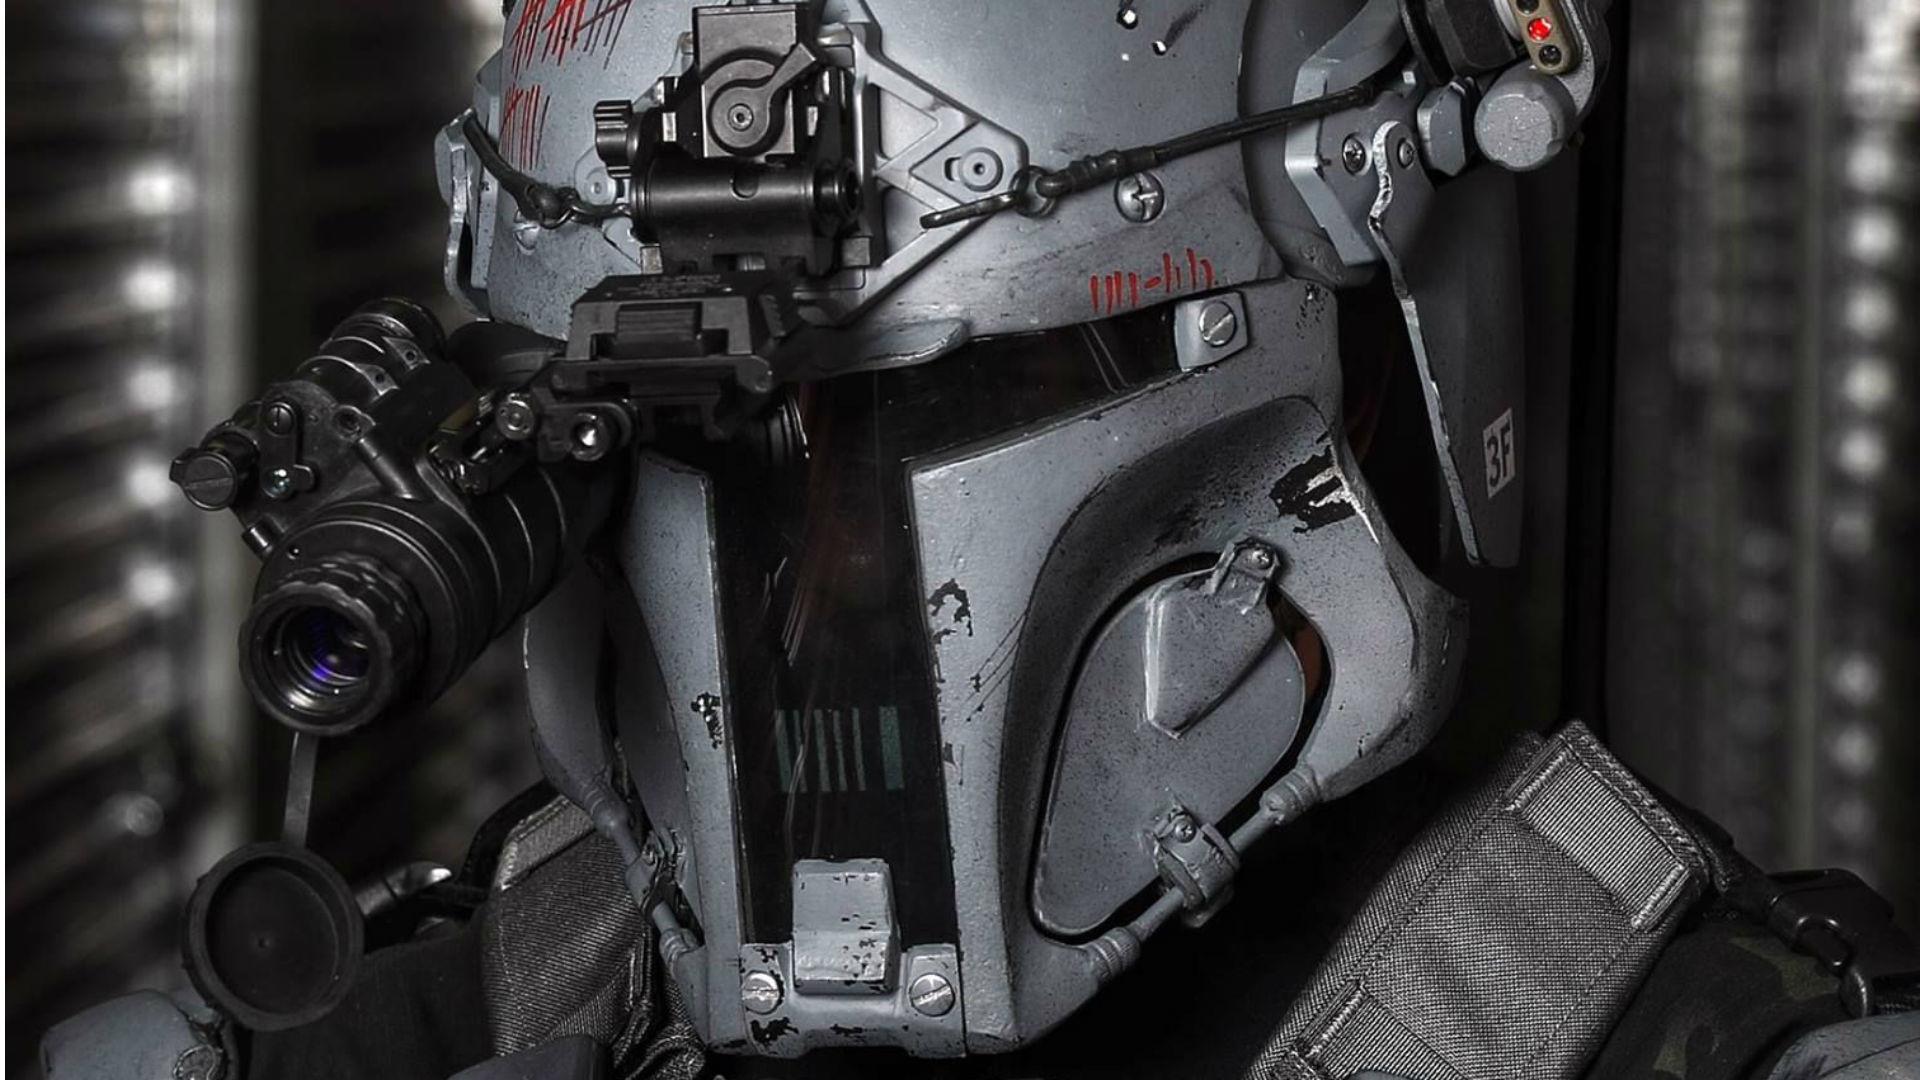 Ballistic Armor Maker Makes Real Bulletproof Boba Fett Armor